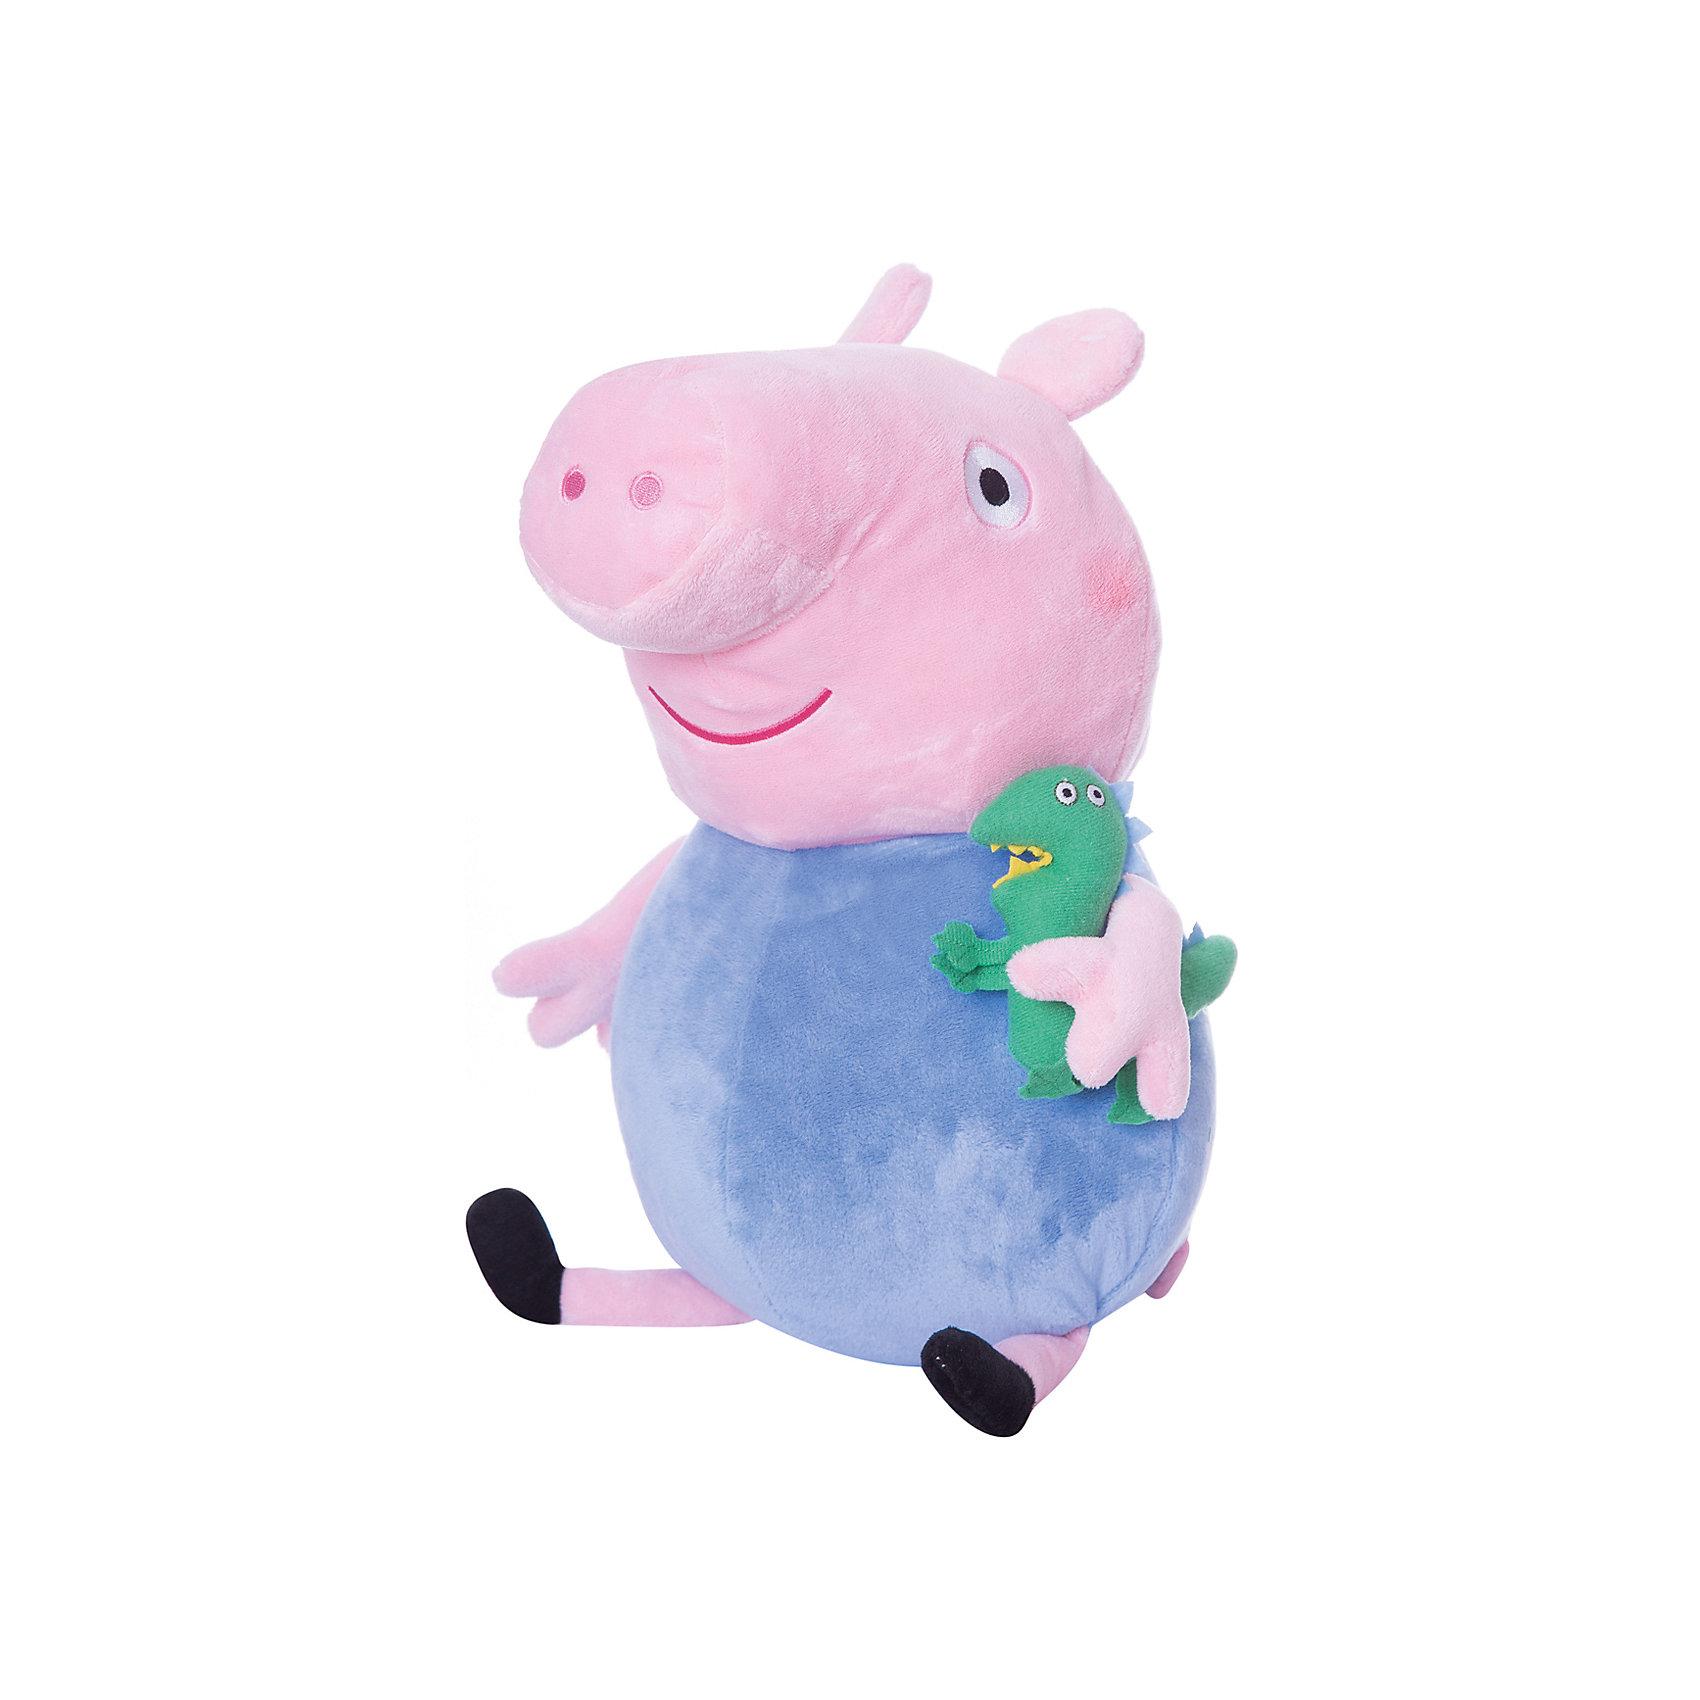 Мягкая игрушка Джордж с динозавром, 40 см, Свинка ПеппаЛюбимые герои<br>Ваш малыш любит мультфильм «Свинка Пеппа»? Тогда он обязательно оценит большую игрушку в виде Джорджа с динозавром, с которой можно весело играть, развивая навыки общения и воображение. С этим мягким симпатягой малютка будет делиться своими маленькими секретиками и безмятежно спать ночью – ведь в обнимку с таким большим плюшевым другом сон гораздо слаще! А если приобрести других персонажей из серии «Peppa Pig», то все игры станут во много раз увлекательнее.&#13;<br><br>Дополнительная информация:<br><br>Мягкая игрушка «Джордж с динозавром» имеет высоту 40 см (размер указан с ножками) и очень приятна на ощупь, так как изготовлена из нежной велюровой ткани и плотно набита. <br>Глазки, носик и ротик Джорджа выполнены в виде плотной вышивки.<br><br>Мягкую игрушку Джордж с динозавром, 40 см, Свинка Пеппа можно купить в нашем магазине.<br><br>Ширина мм: 210<br>Глубина мм: 190<br>Высота мм: 400<br>Вес г: 280<br>Возраст от месяцев: 36<br>Возраст до месяцев: 72<br>Пол: Унисекс<br>Возраст: Детский<br>SKU: 4346598